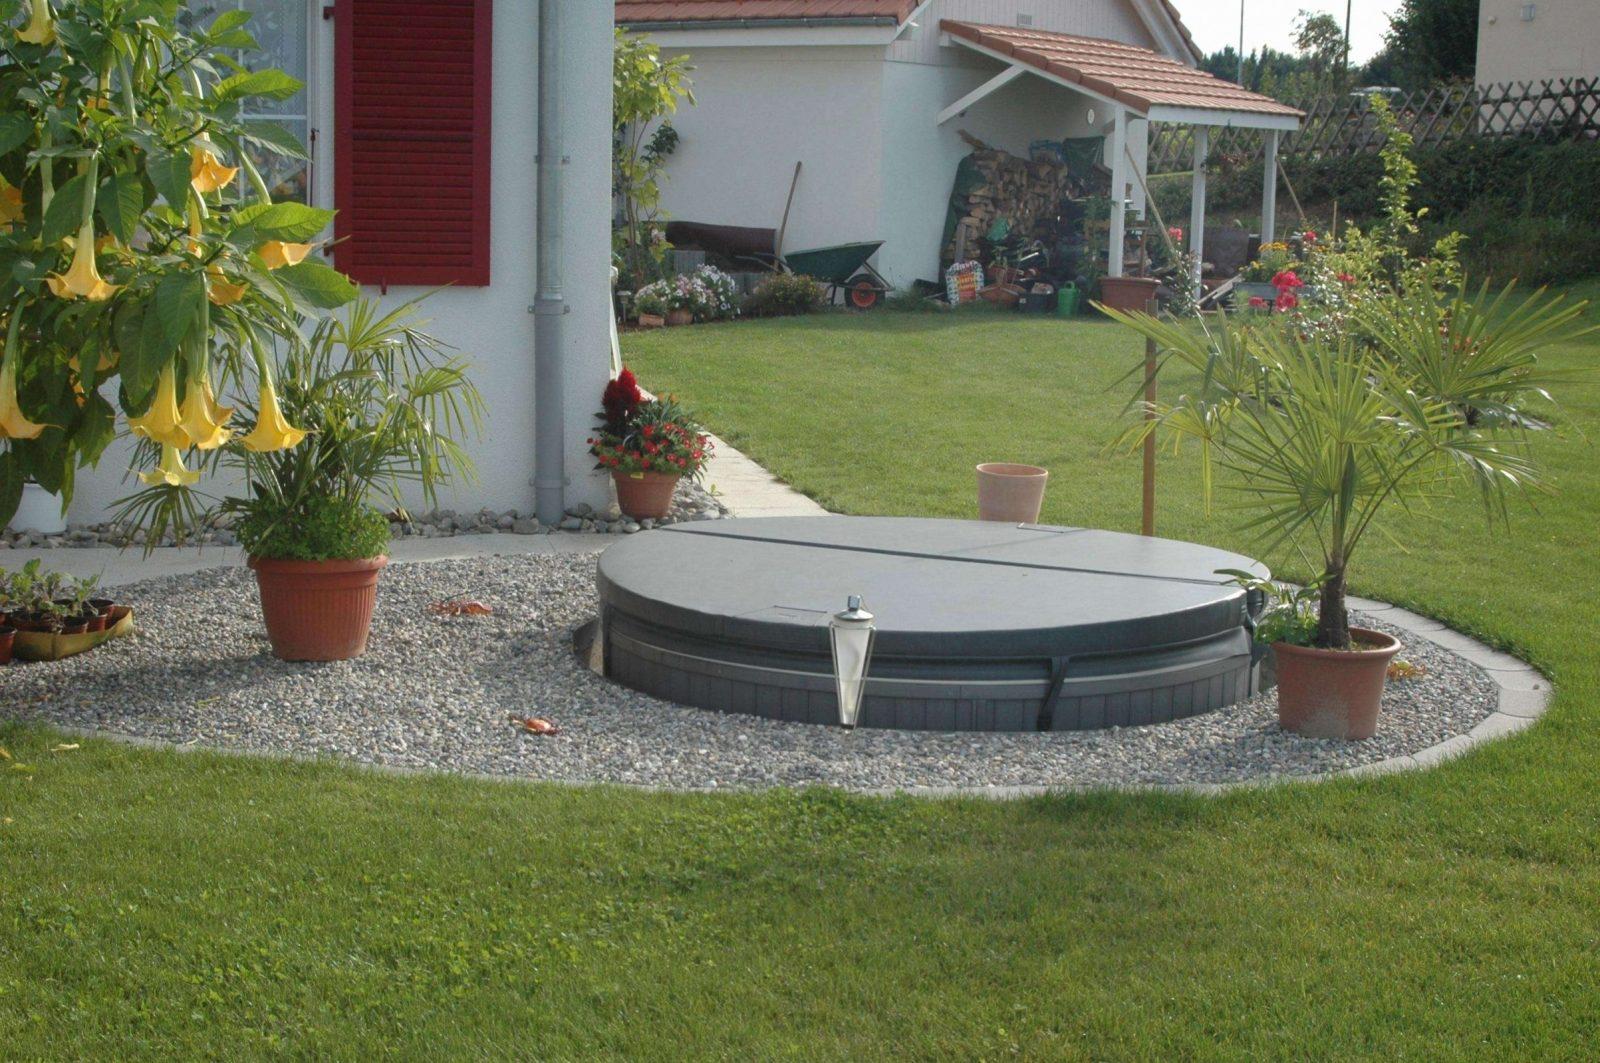 Whirlpool Garten Kosten Frisch Brunnen Im Garten Kosten Genial 35 von Brunnen Im Garten Kosten Photo